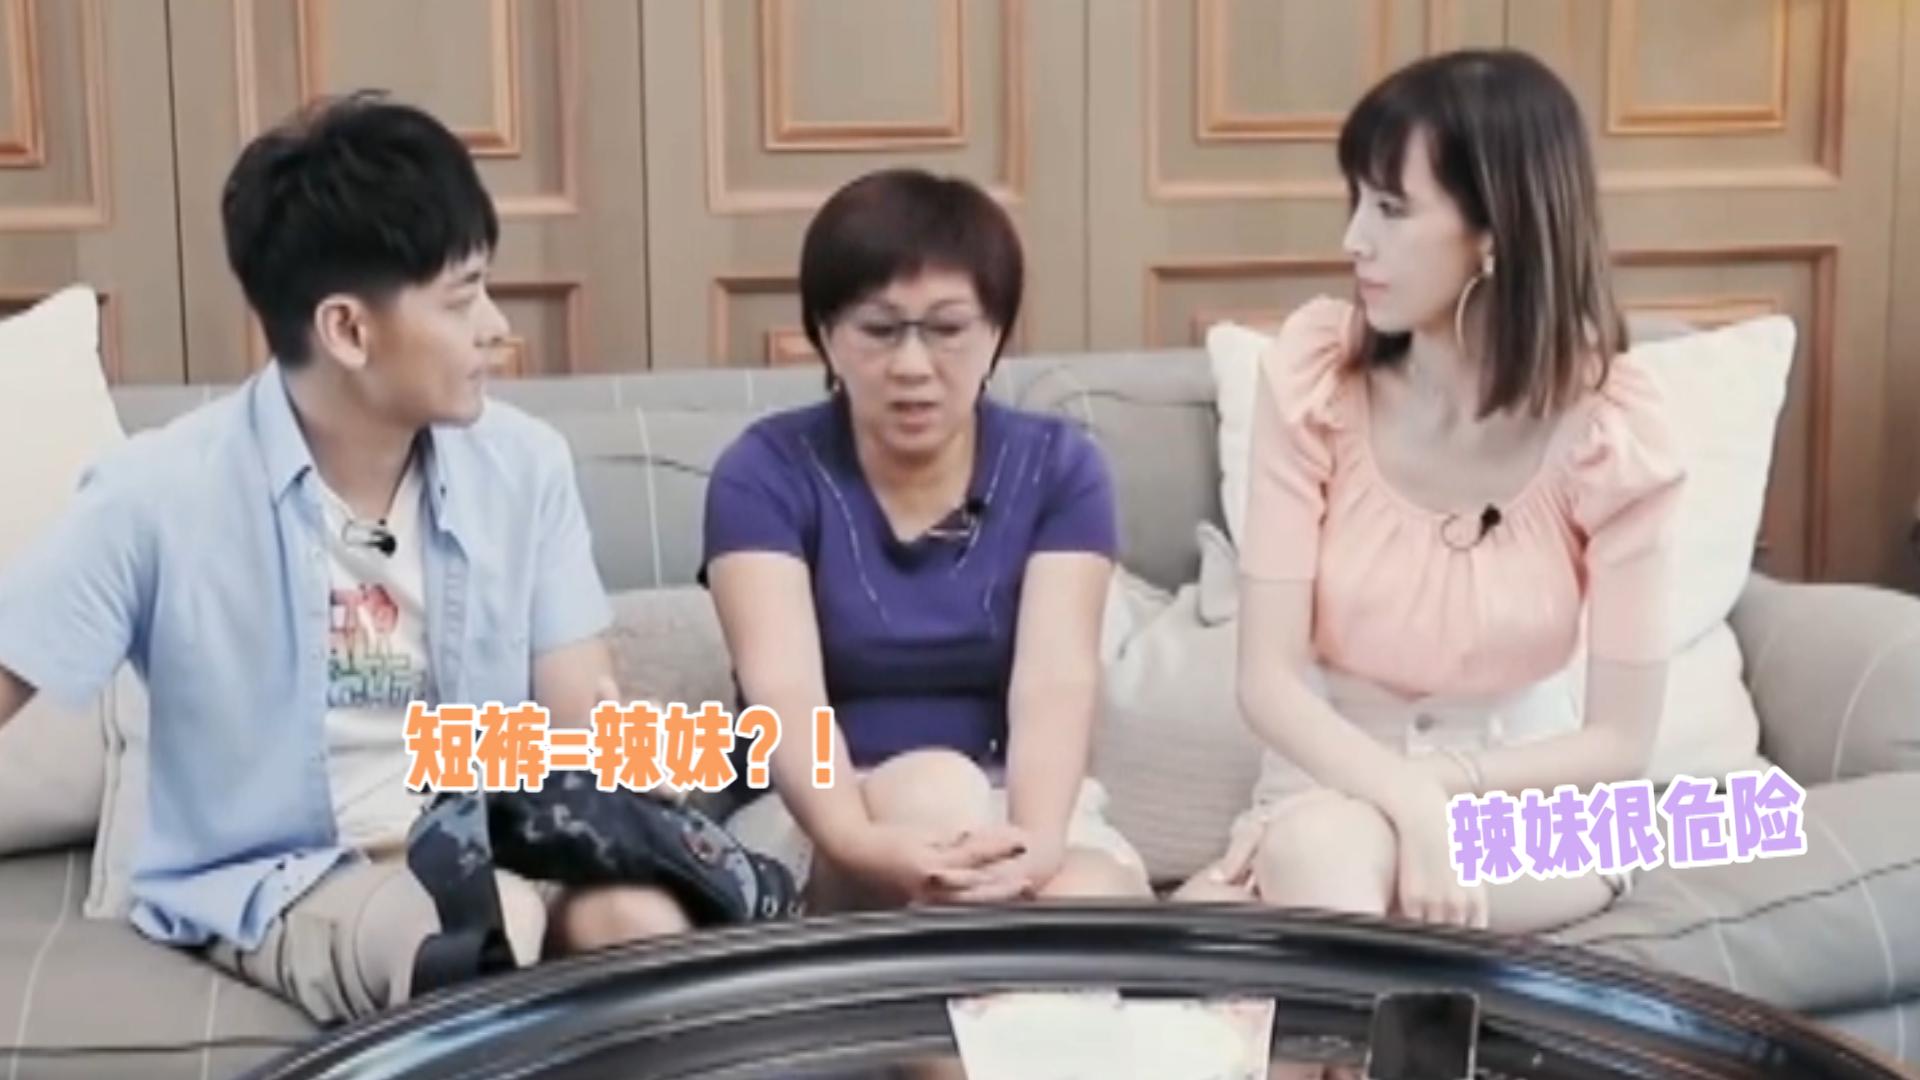 太迷惑!林妈妈为啥这么介意陈若仪穿短裤:穿短裤的是辣妹要小心